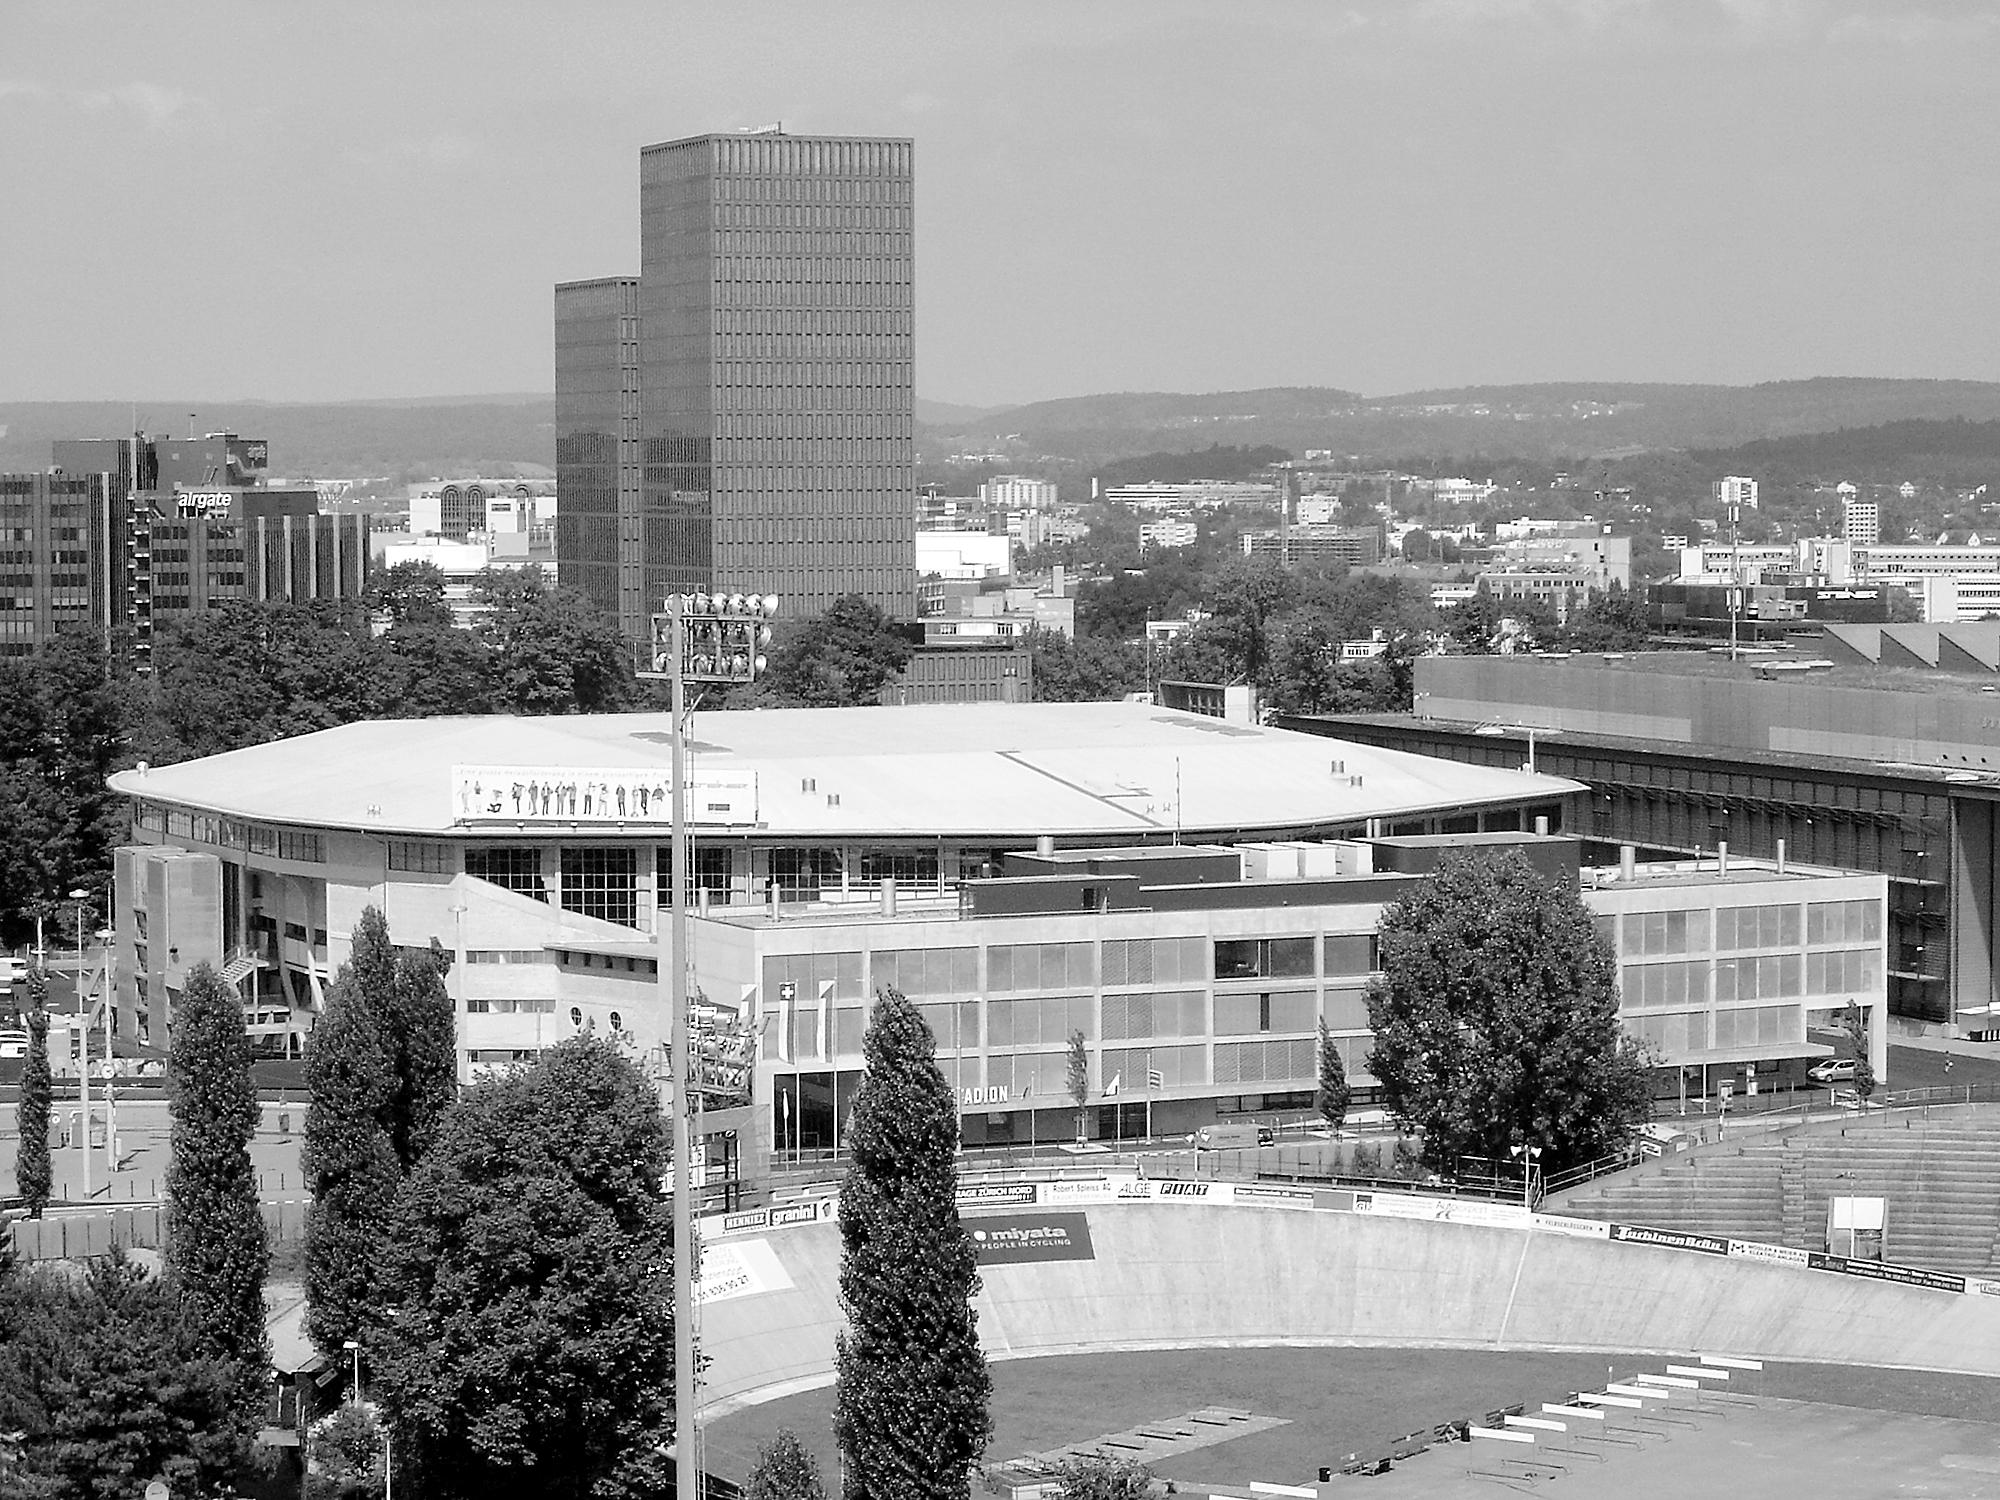 hallenstadion-zuerich-1.jpg